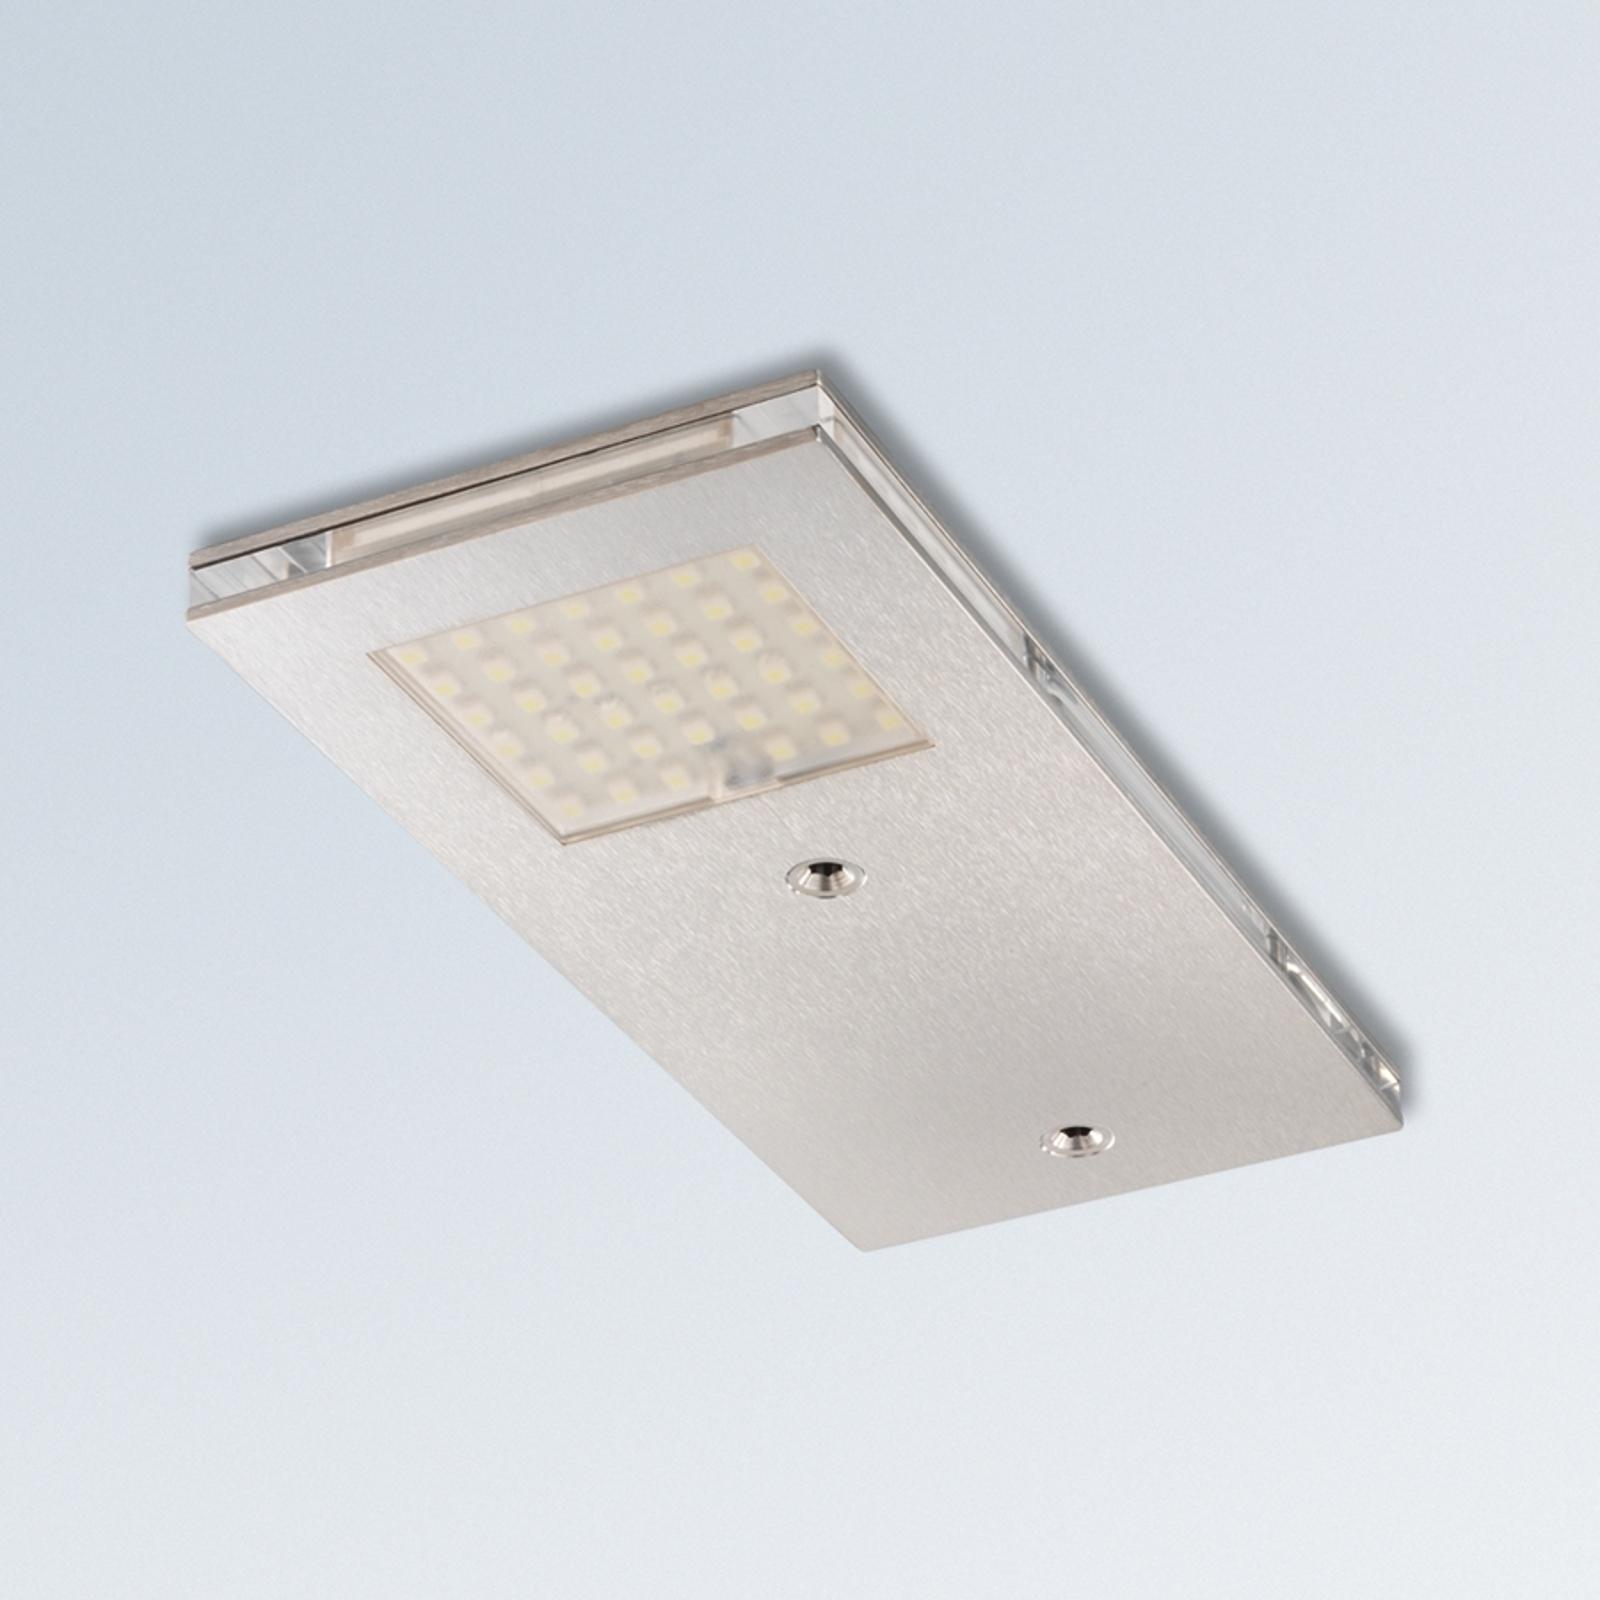 Moderne LED-onderbouwlamp FLAT I